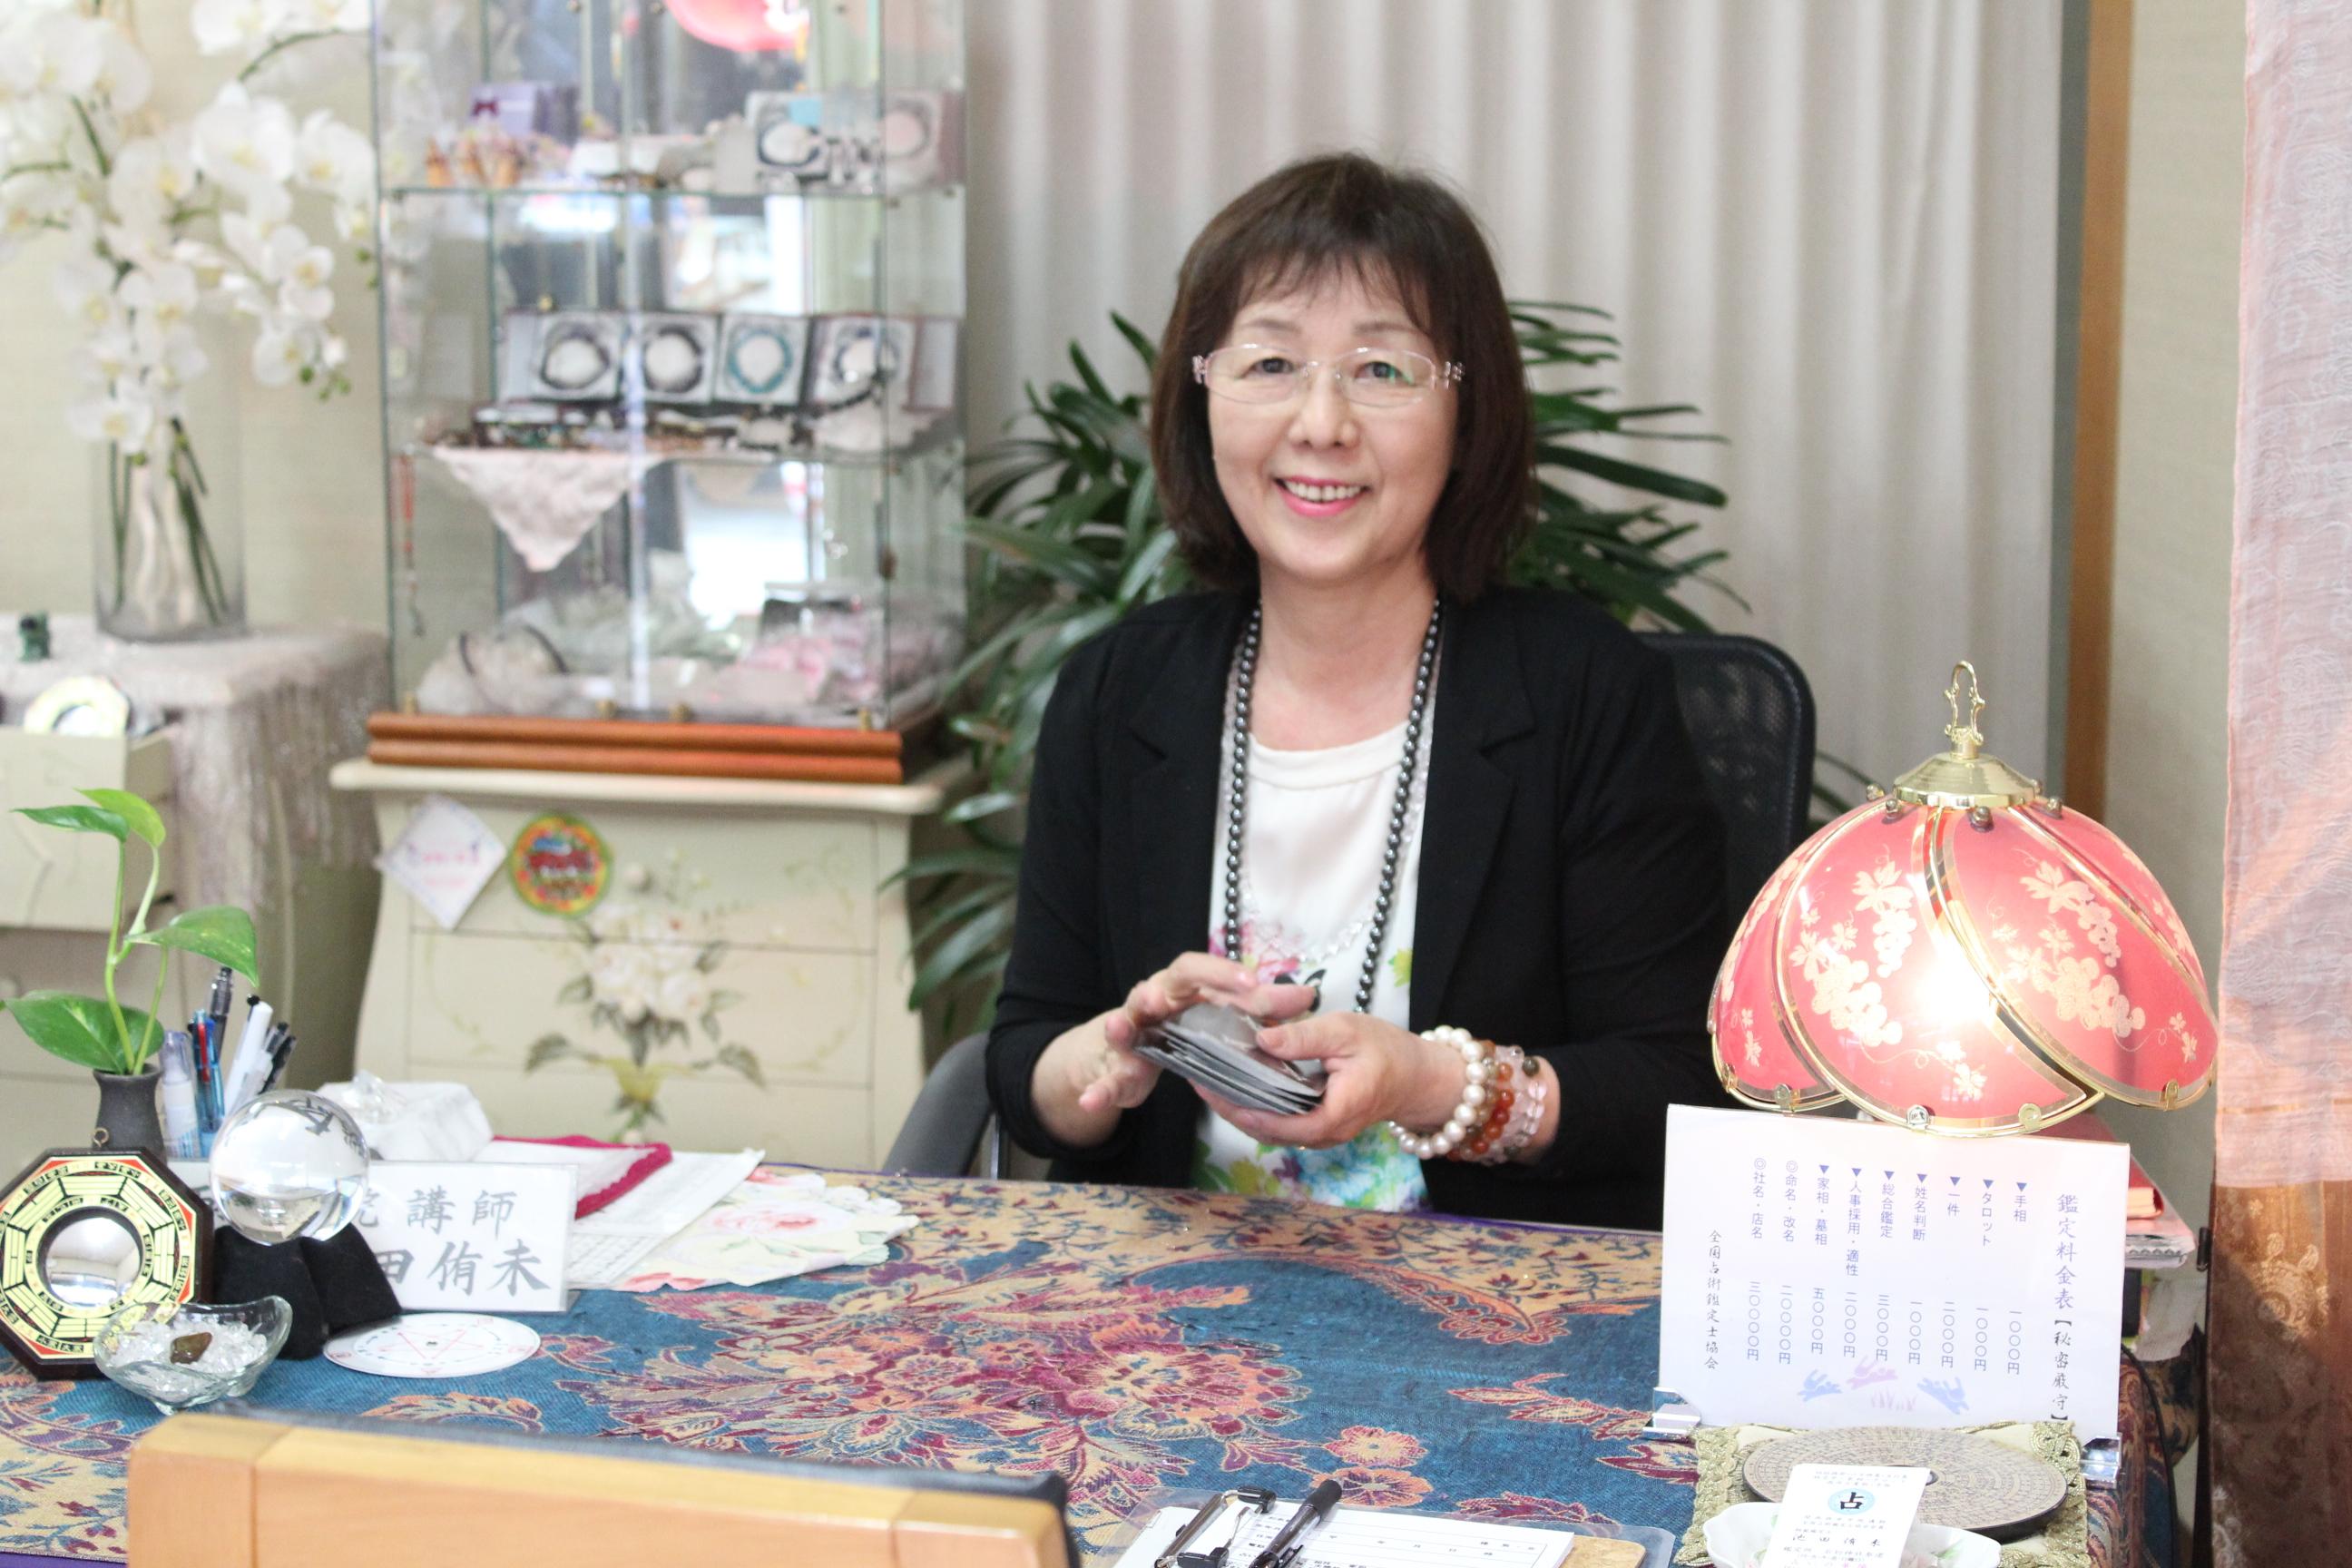 池田 侑未 -Ikeda Yuumi-